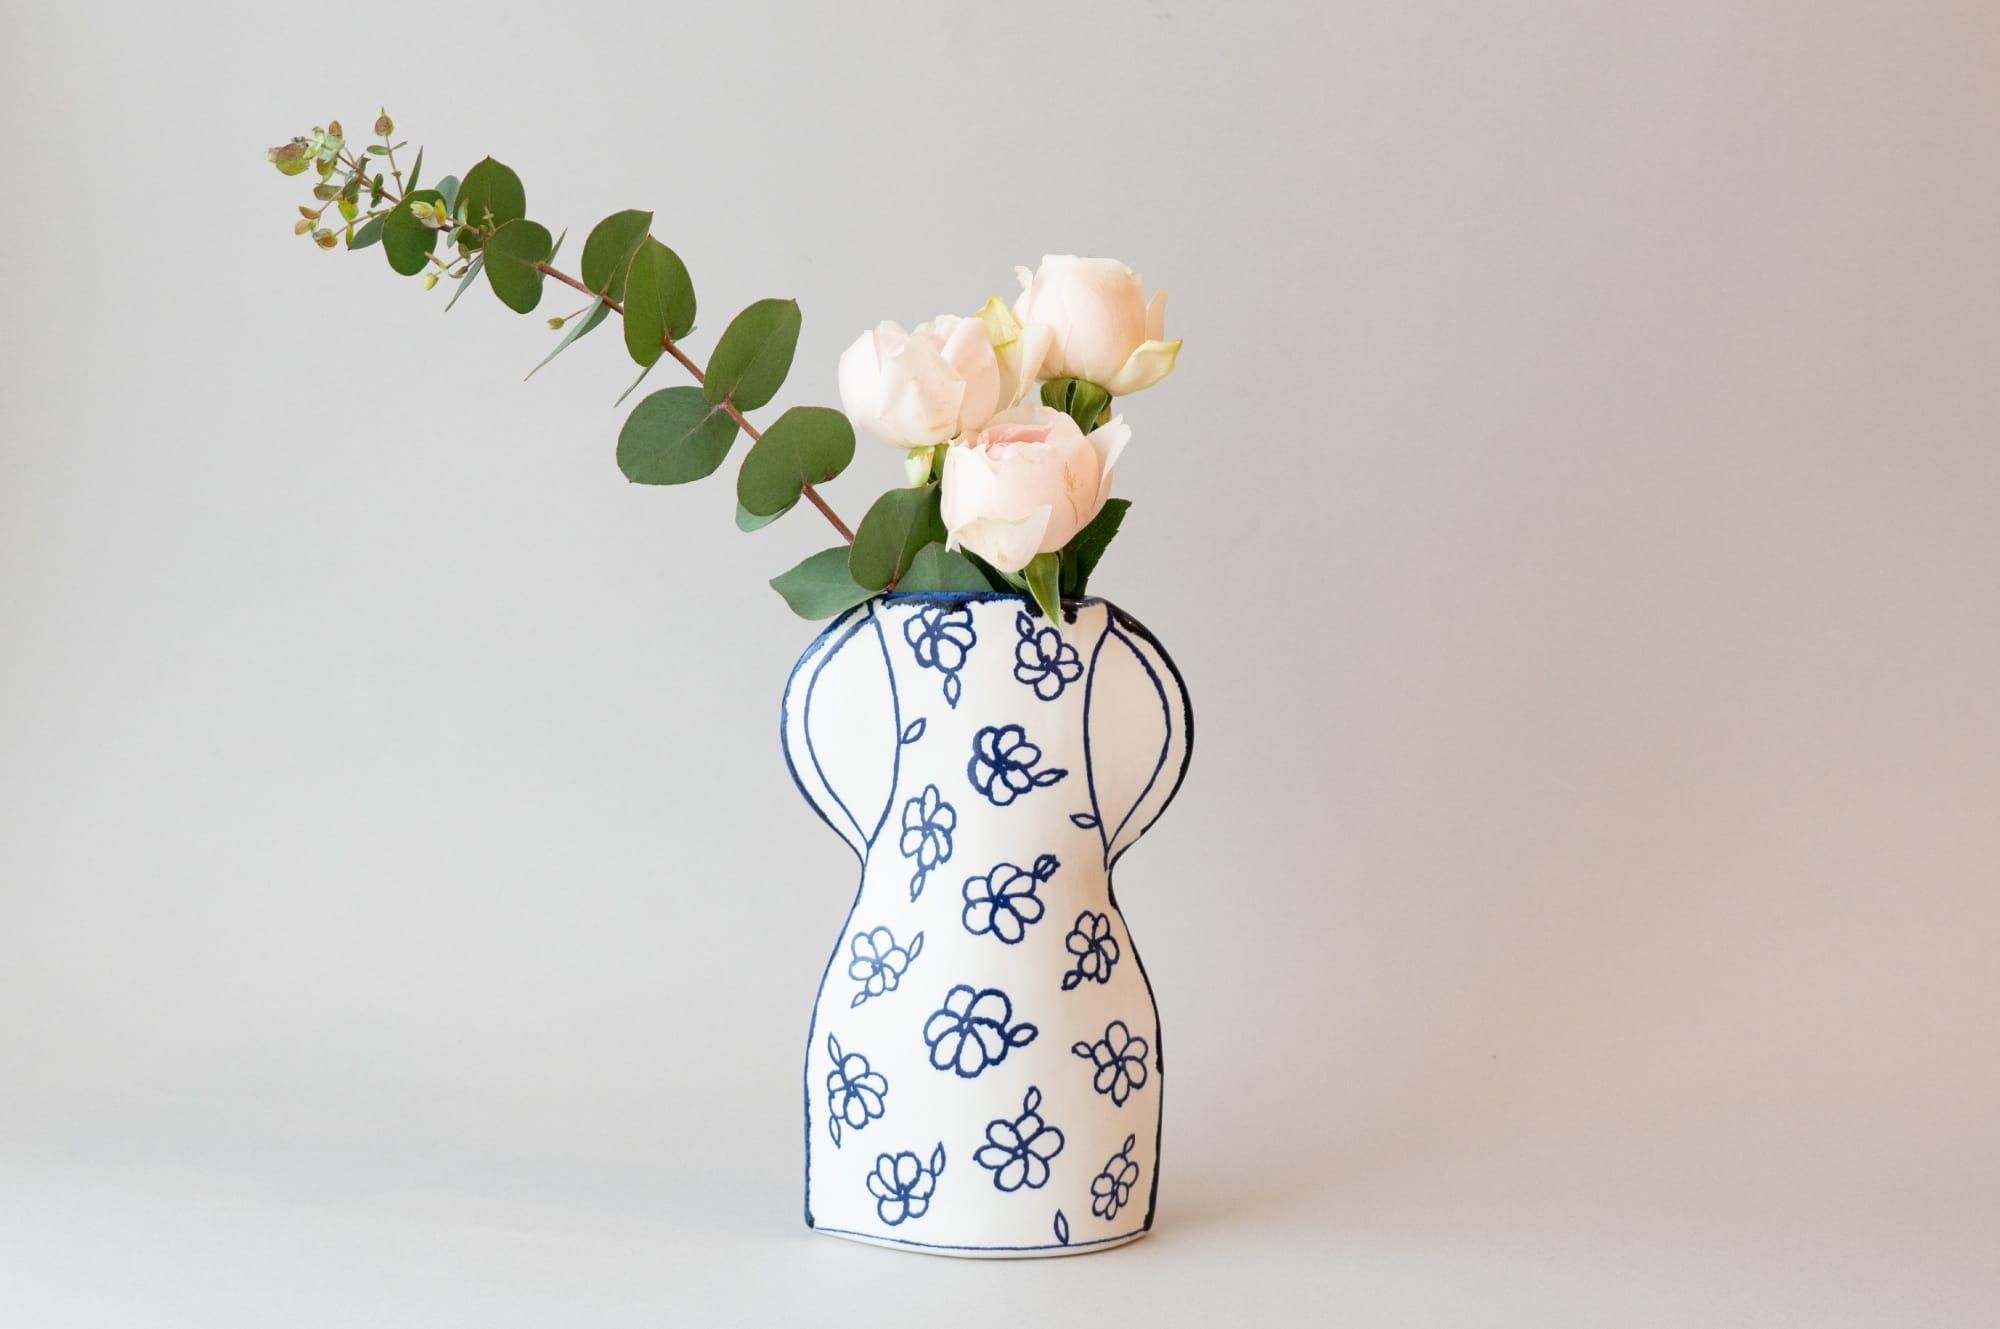 お花屋さんで育ったマリアンヌのトレードマークとも言える花柄を描いた作品「花柄のかびん」。白地にマリアンヌブルーが映える。